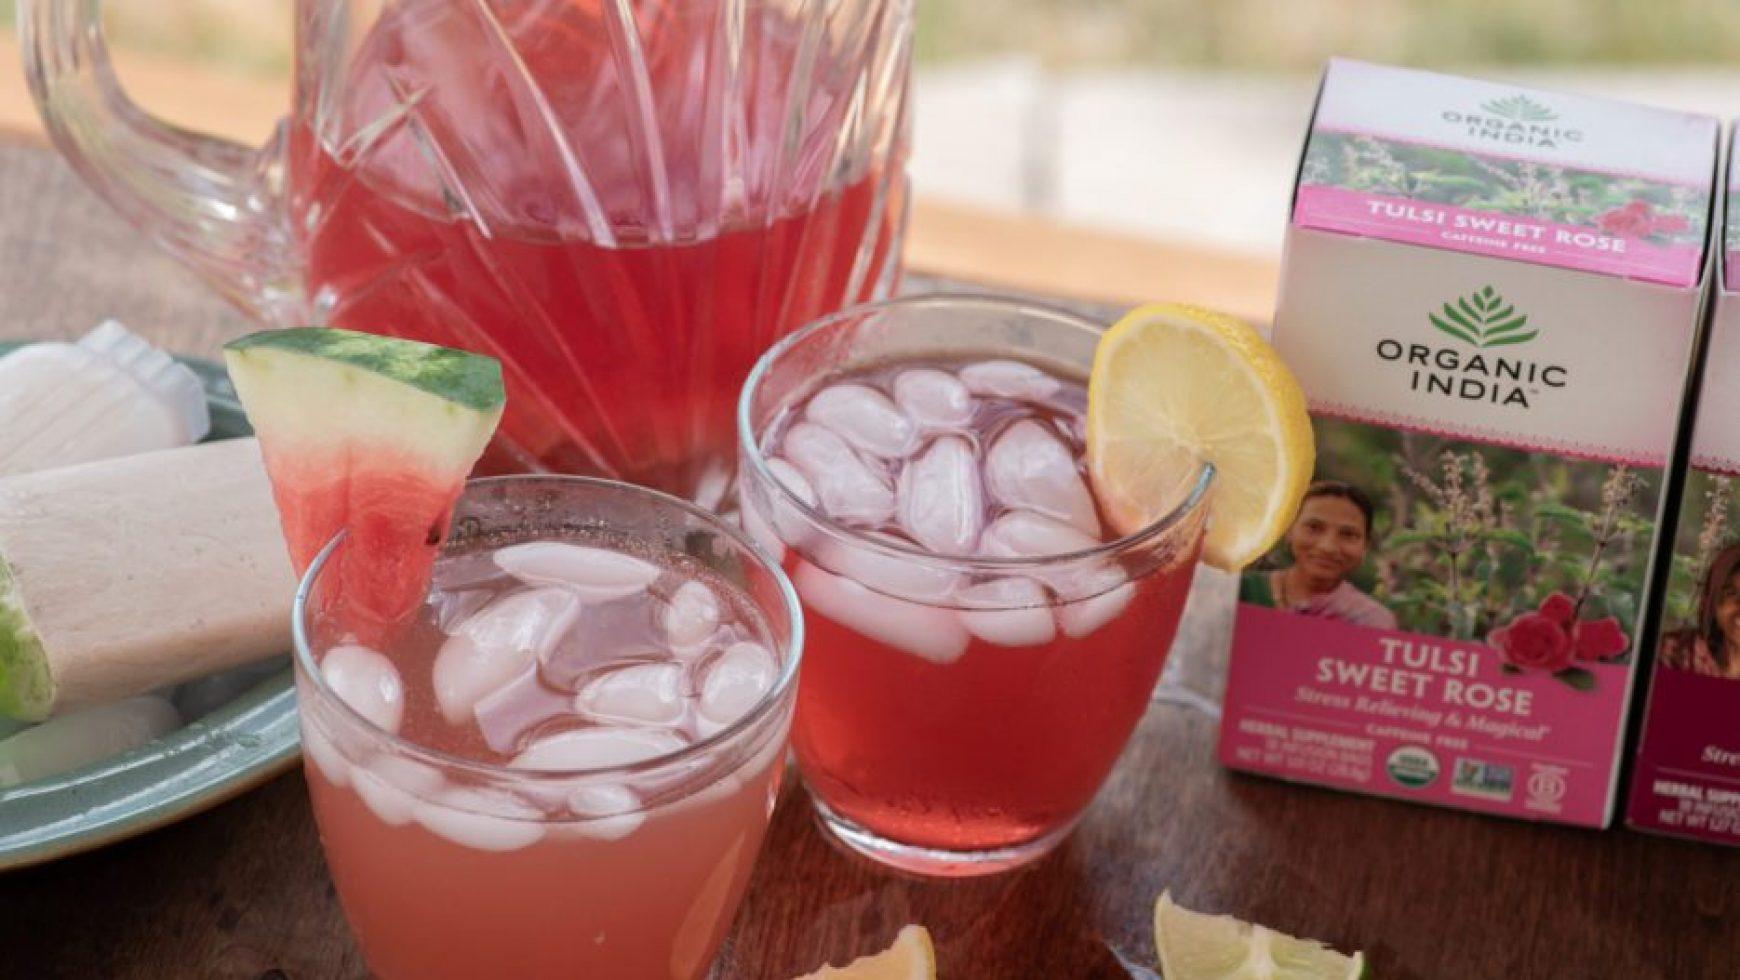 Băuturi răcoritoare cu Tulsi: prospețimea care aduce beneficii